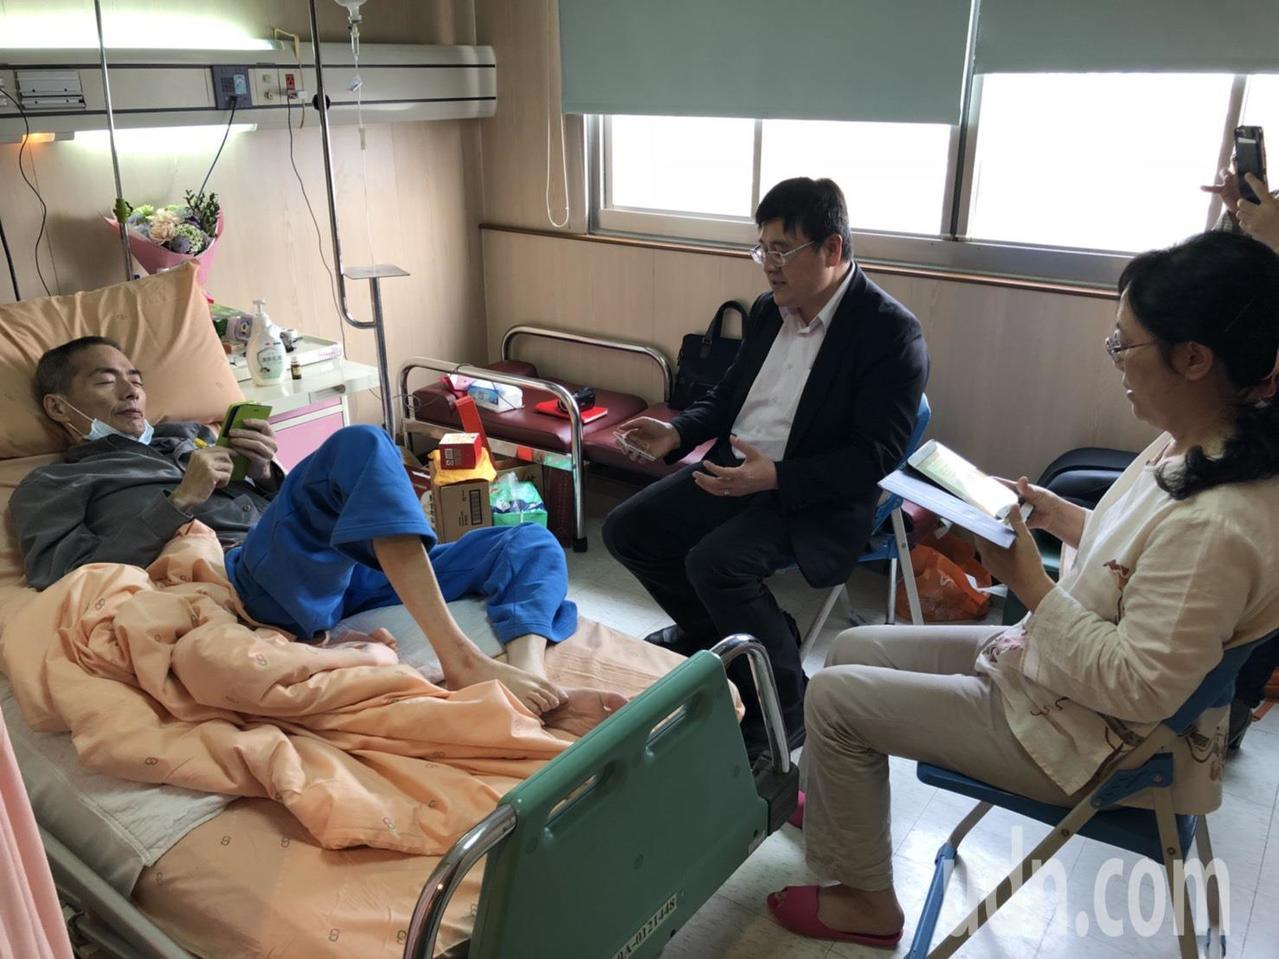 嘉基企劃室主任洪錫隆(中)帶領鄒川雄等人唱詩歌讚美神。記者王慧瑛/攝影